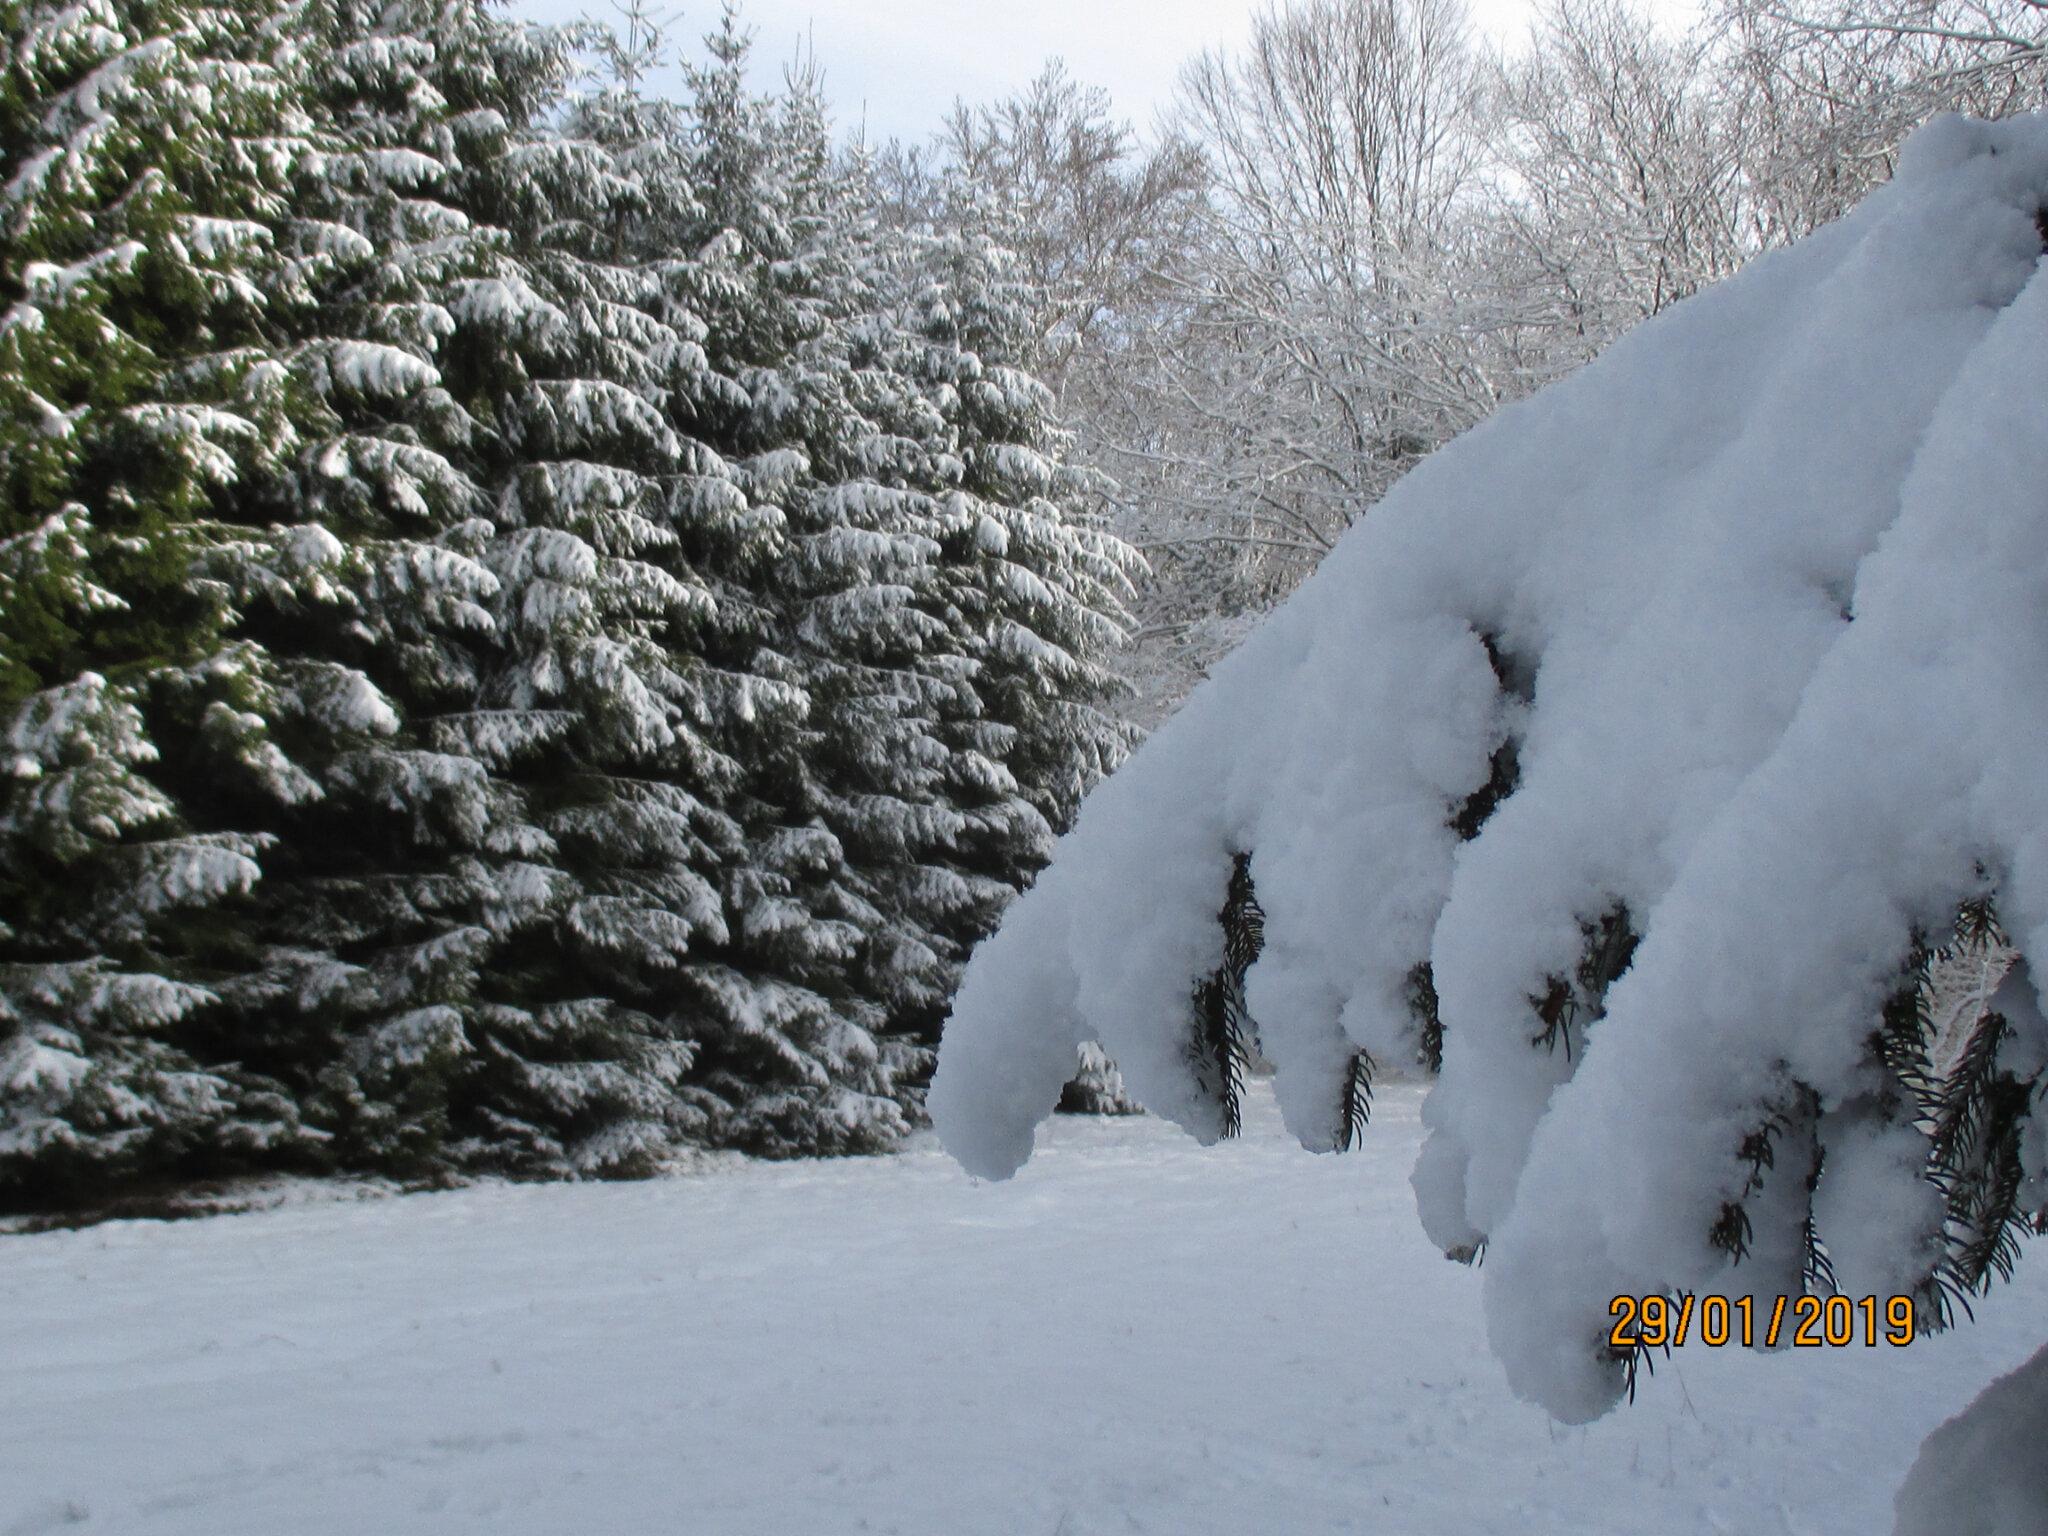 l'hiver me fait toujours rêver...j'aime le bruit de mes pas dans la neige